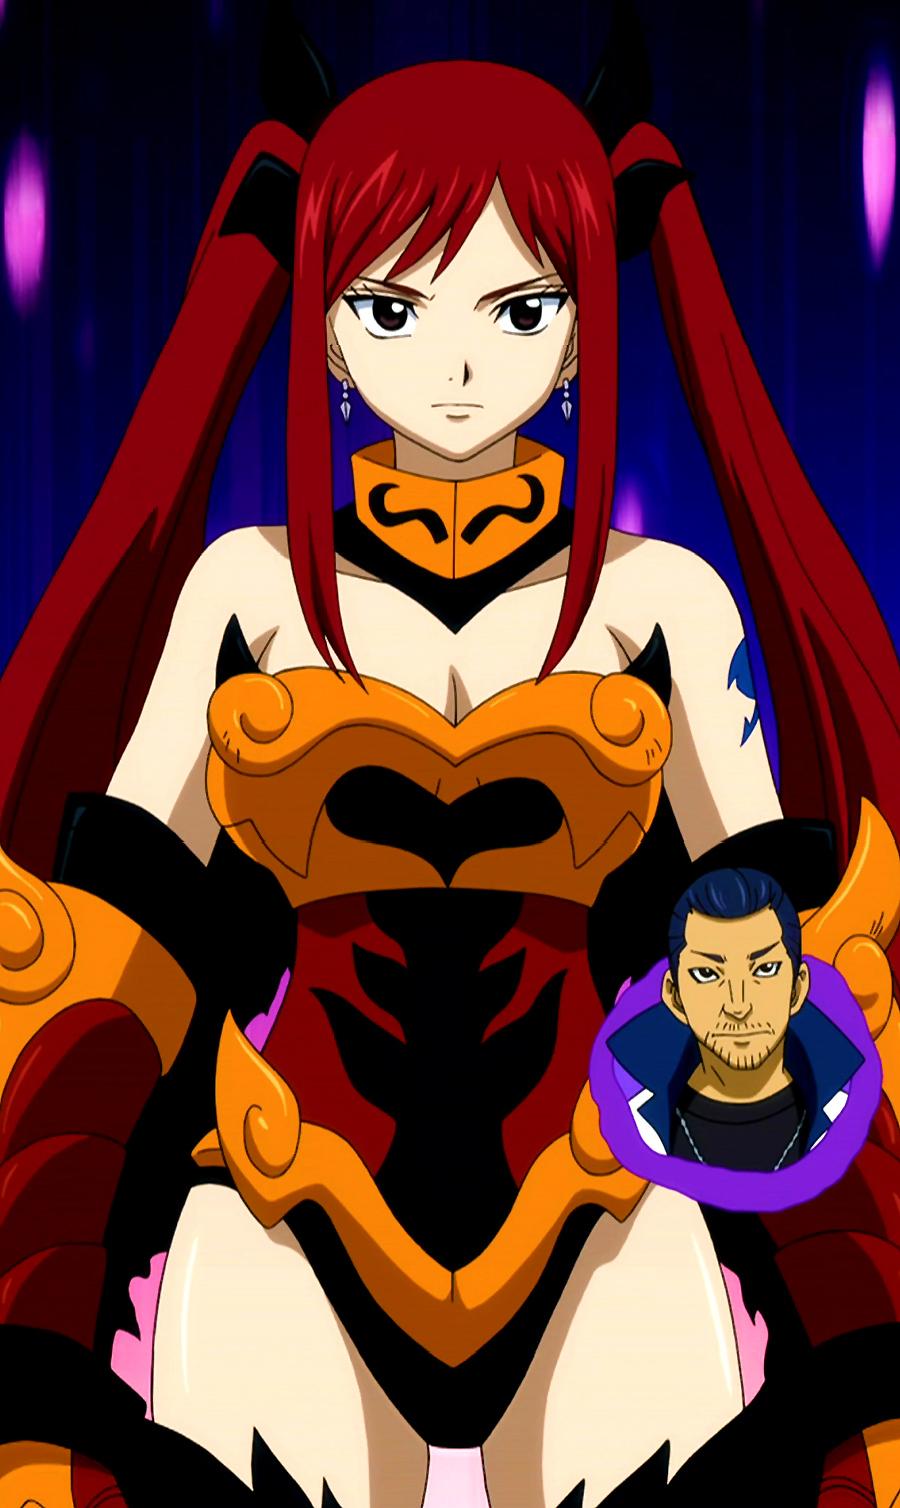 Flame Empress Armor | Fairy Tail Wiki | Fandom powered by Wikia